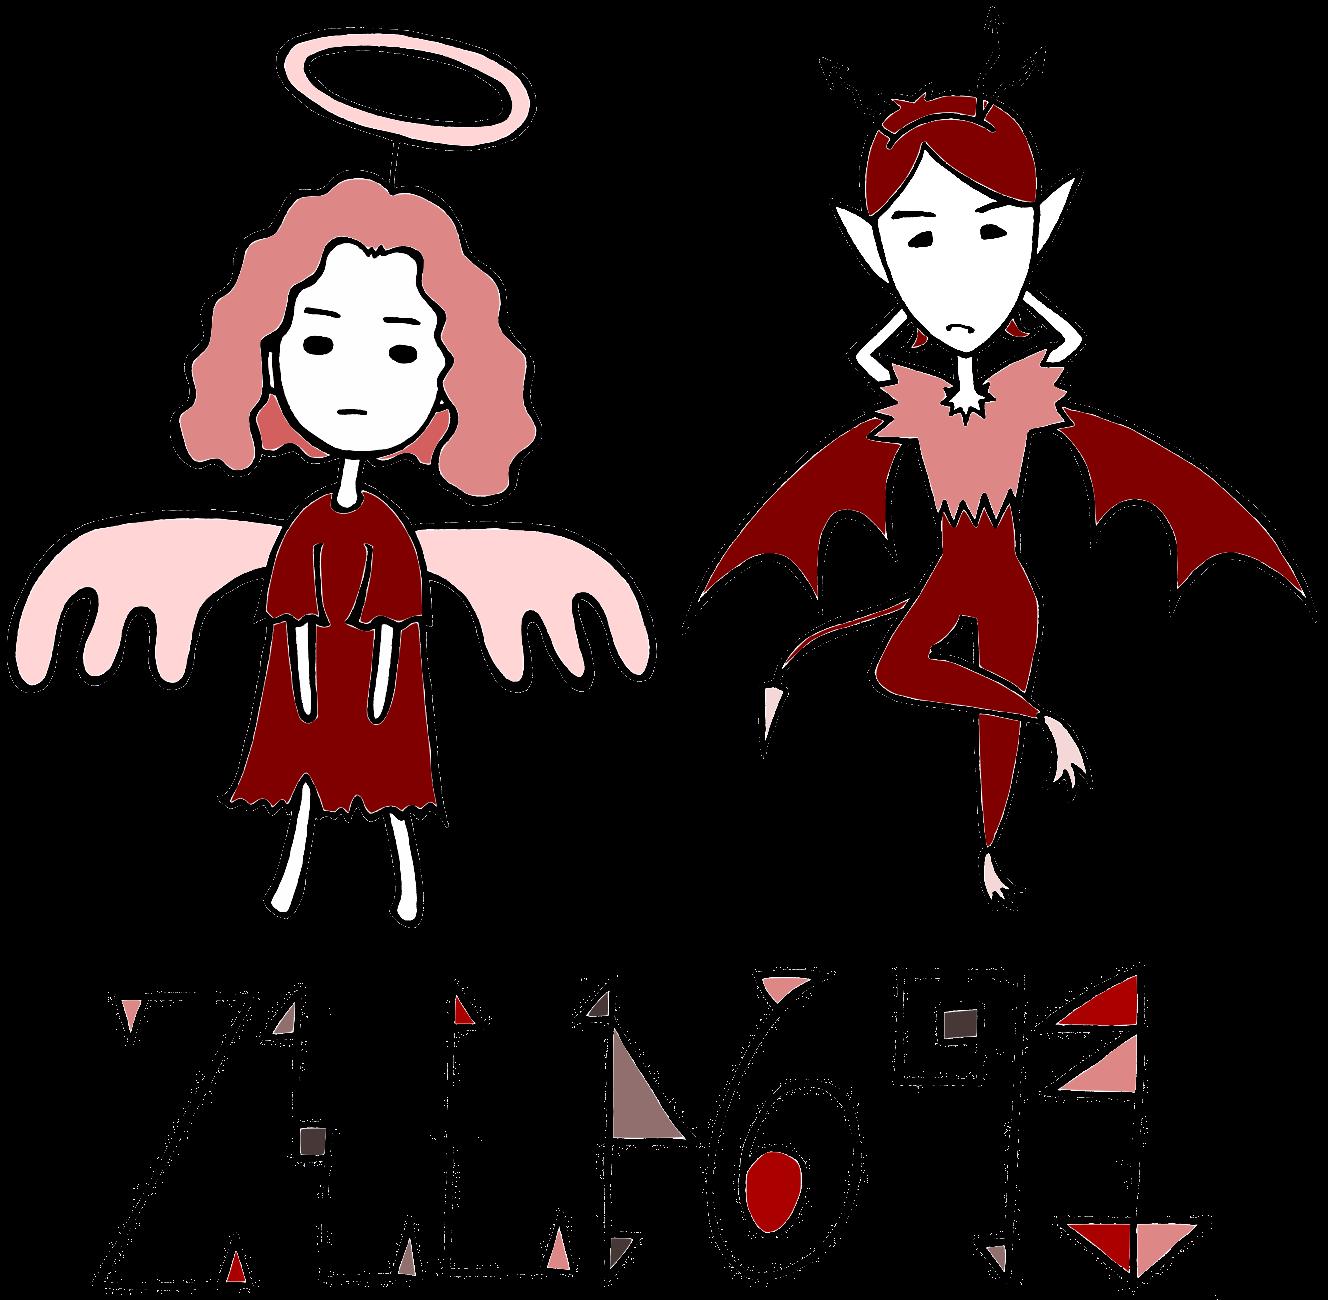 天使さんと悪魔さんシリーズ